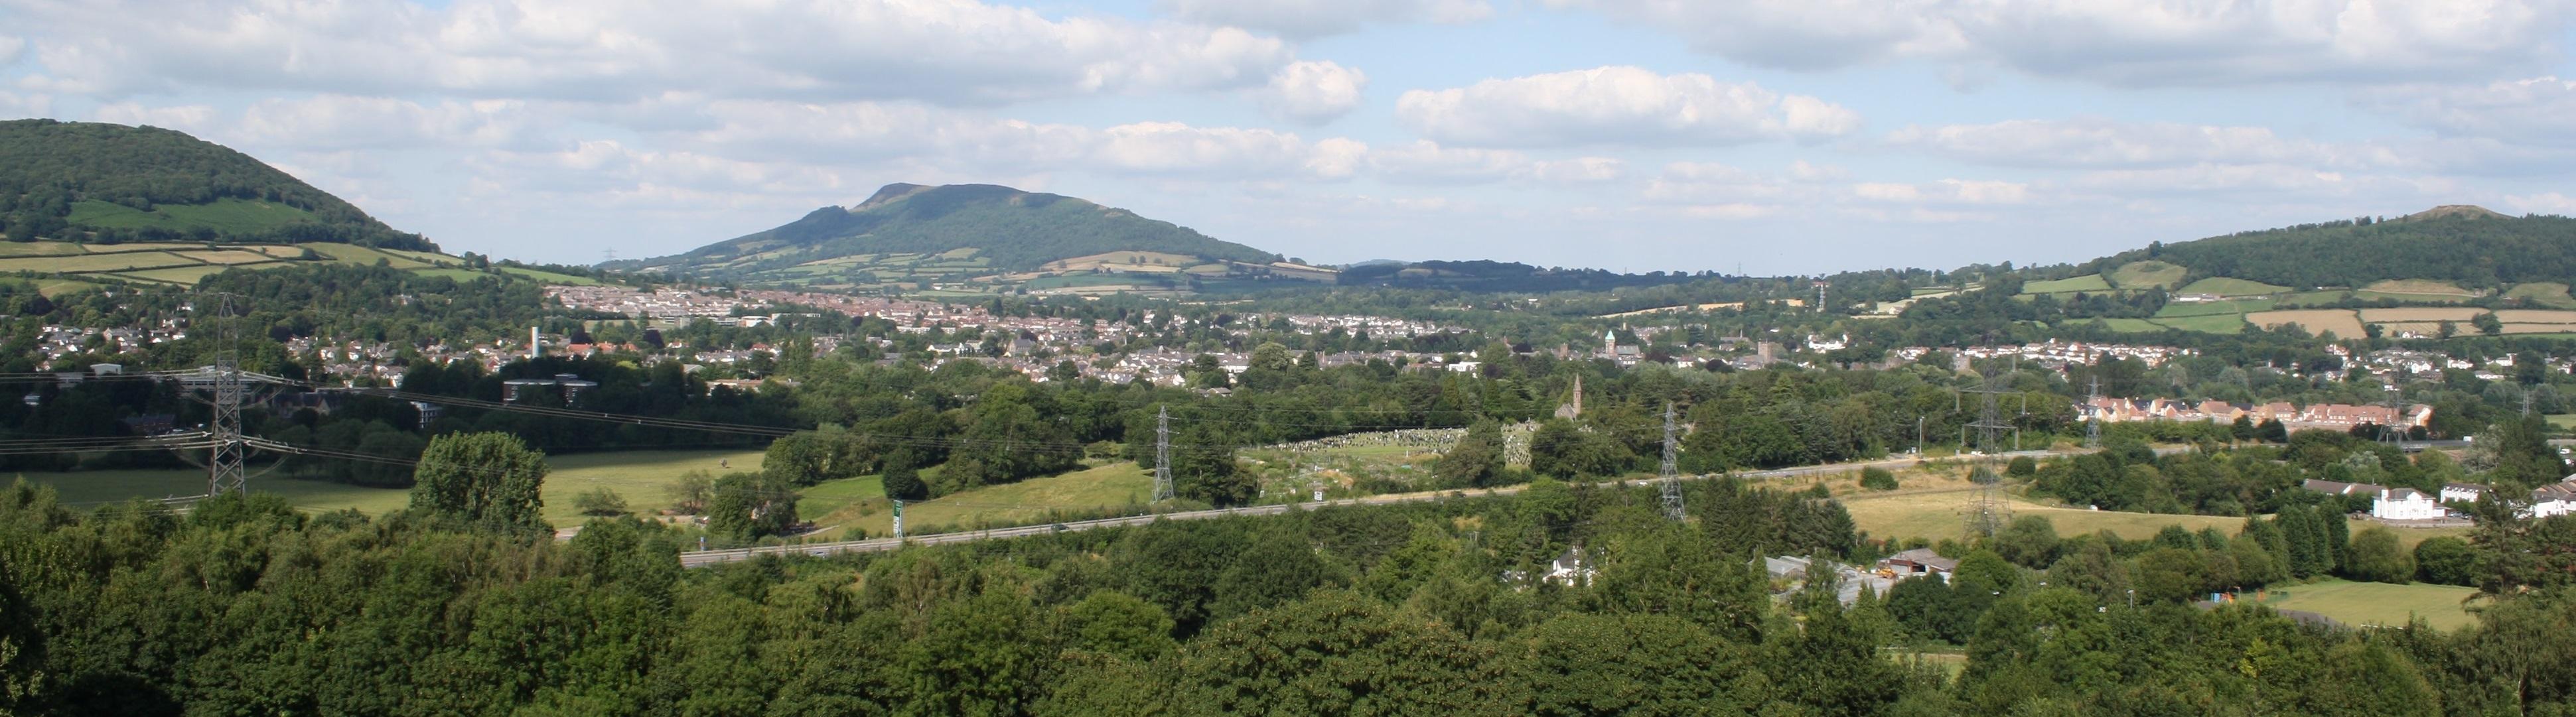 Guía Abergavenny Turismo - lugares para hospedarse, cosas que hacer e información sobre la ciudad galesa de